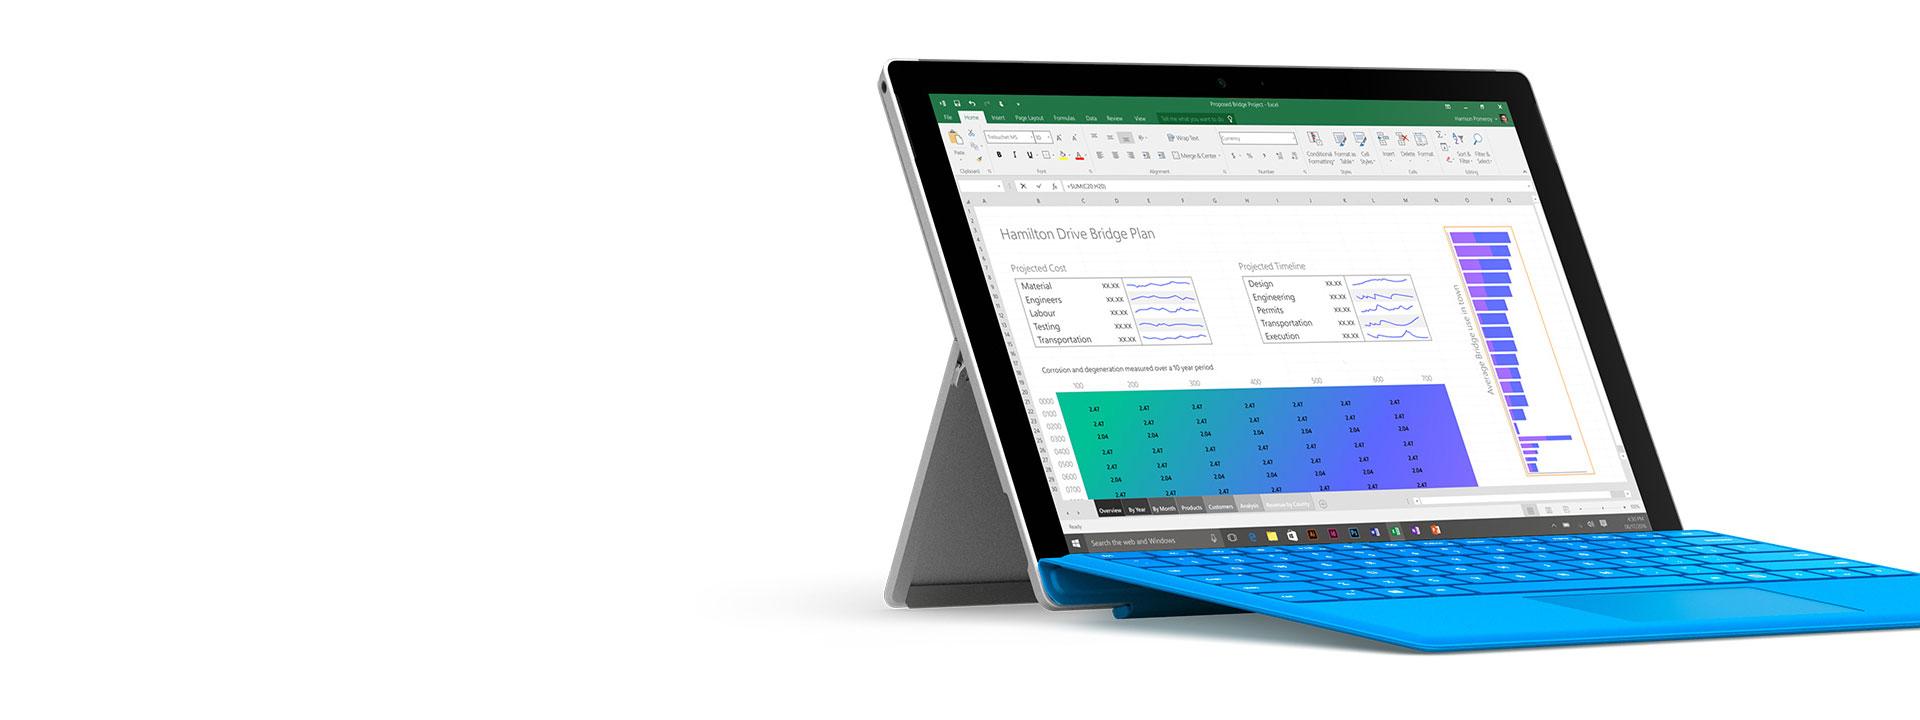 Surface Pro 4 med Office pä skærmen.